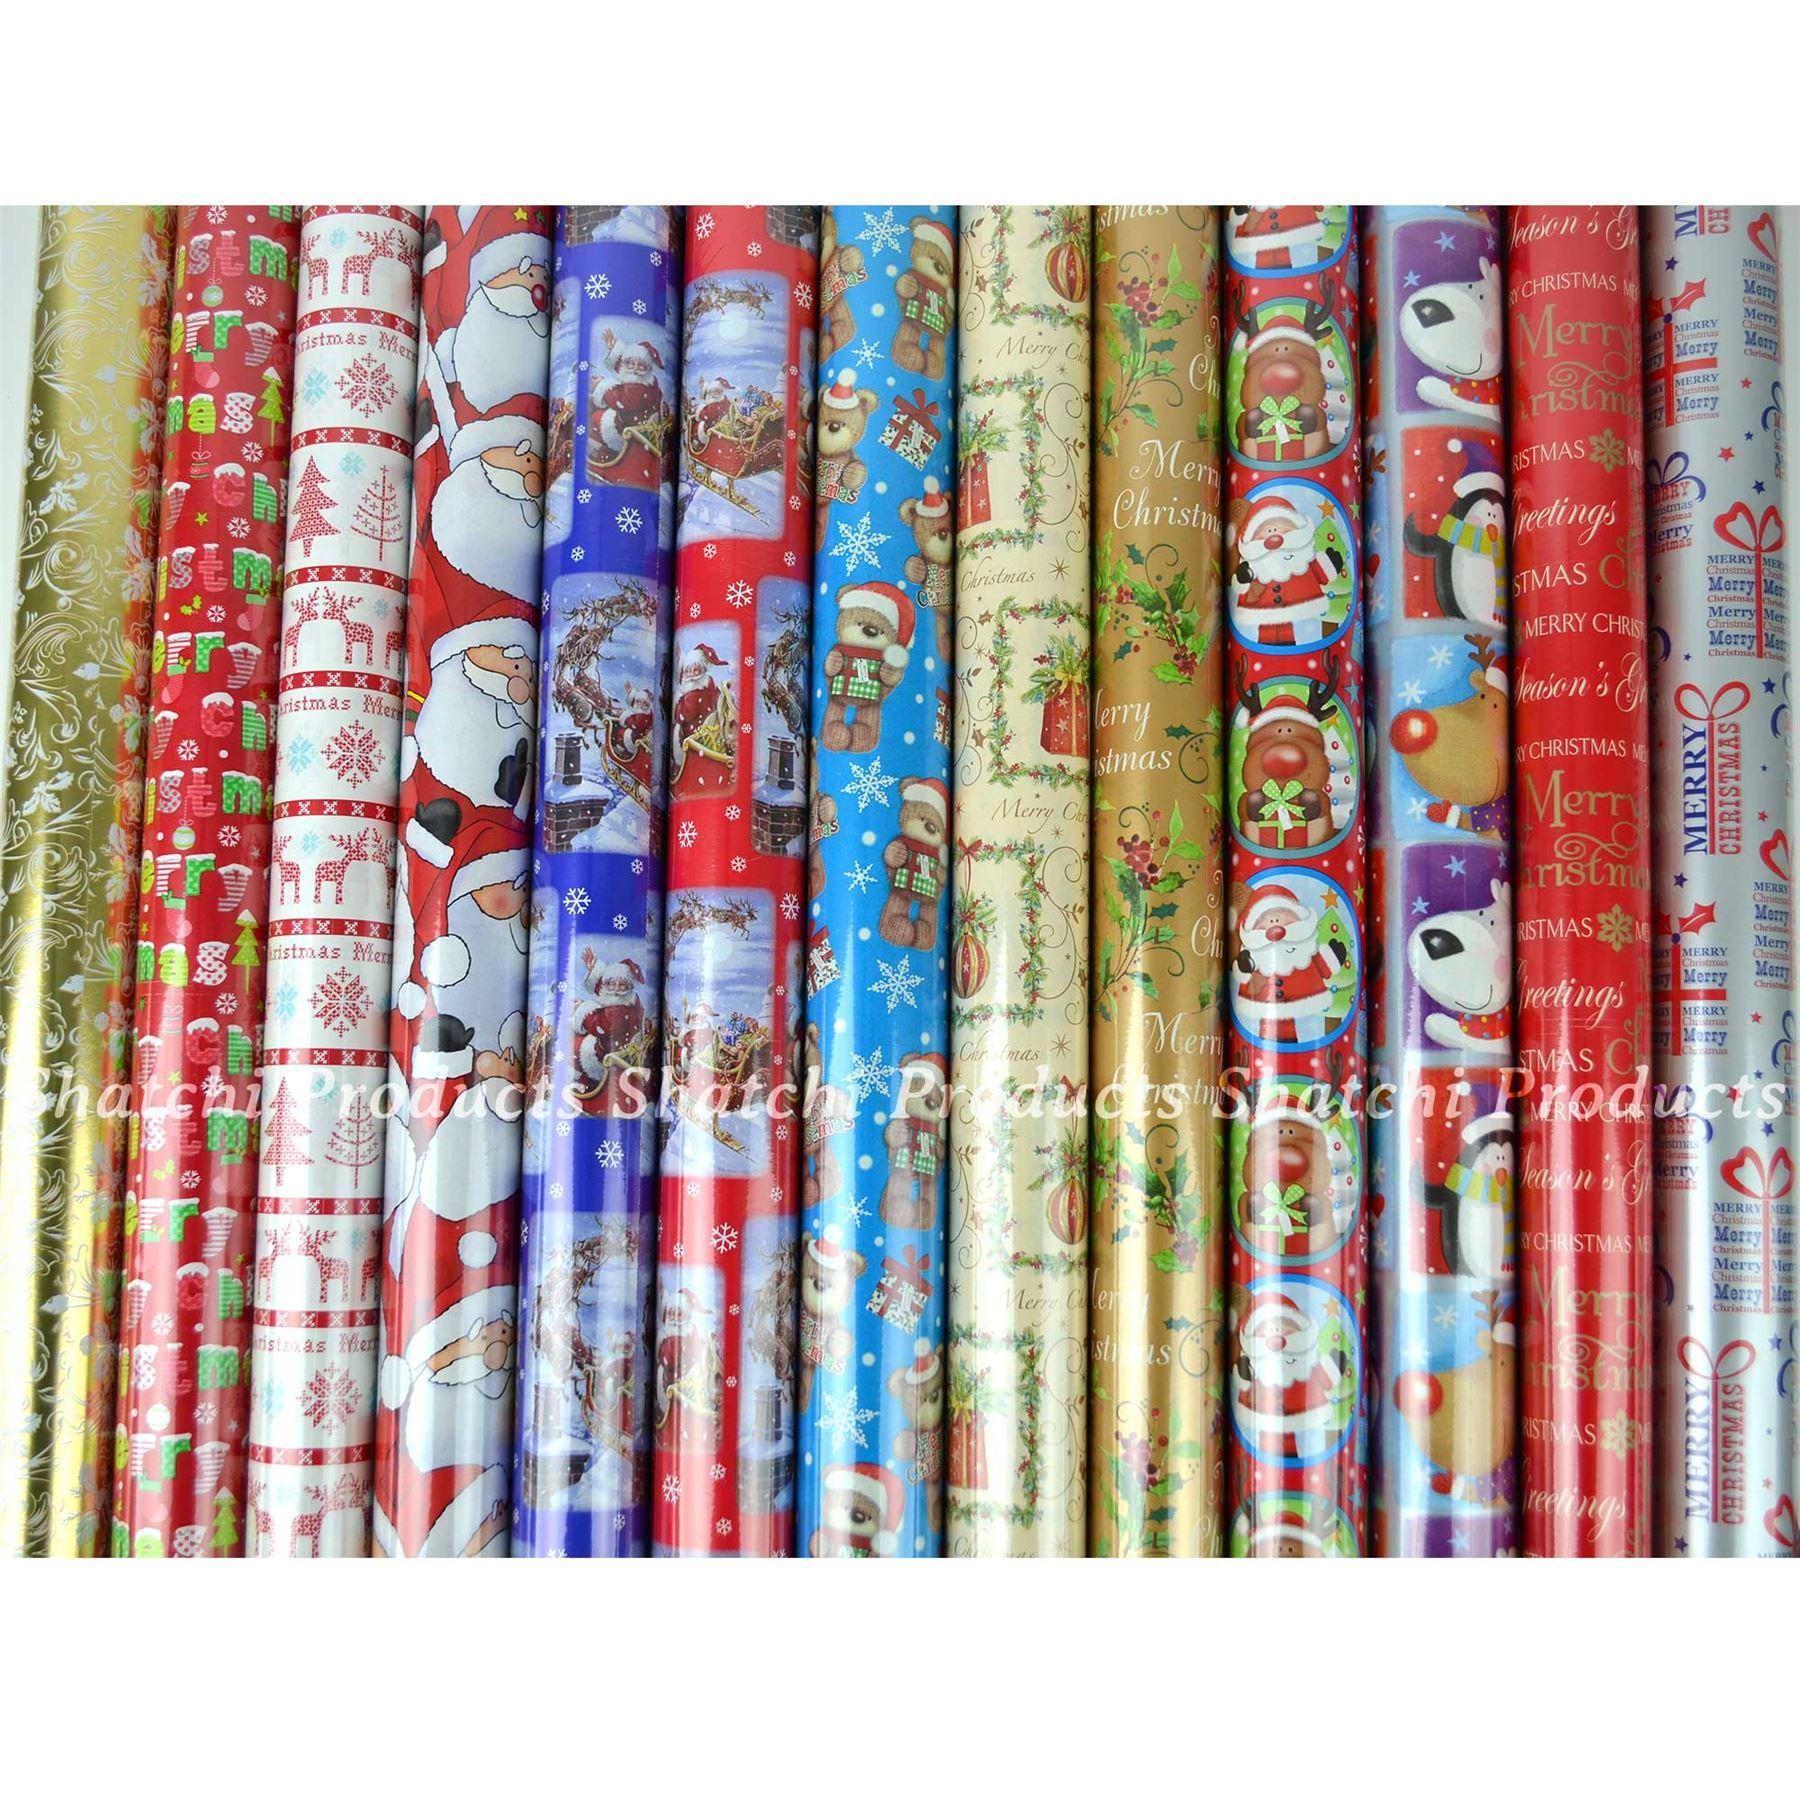 10M-Natale-Regalo-Wrap-Assortiti-ROTOLI-DI-CARTA-DA-PACCO-ROTOLO-REGALO-DI-NATALE miniatura 11